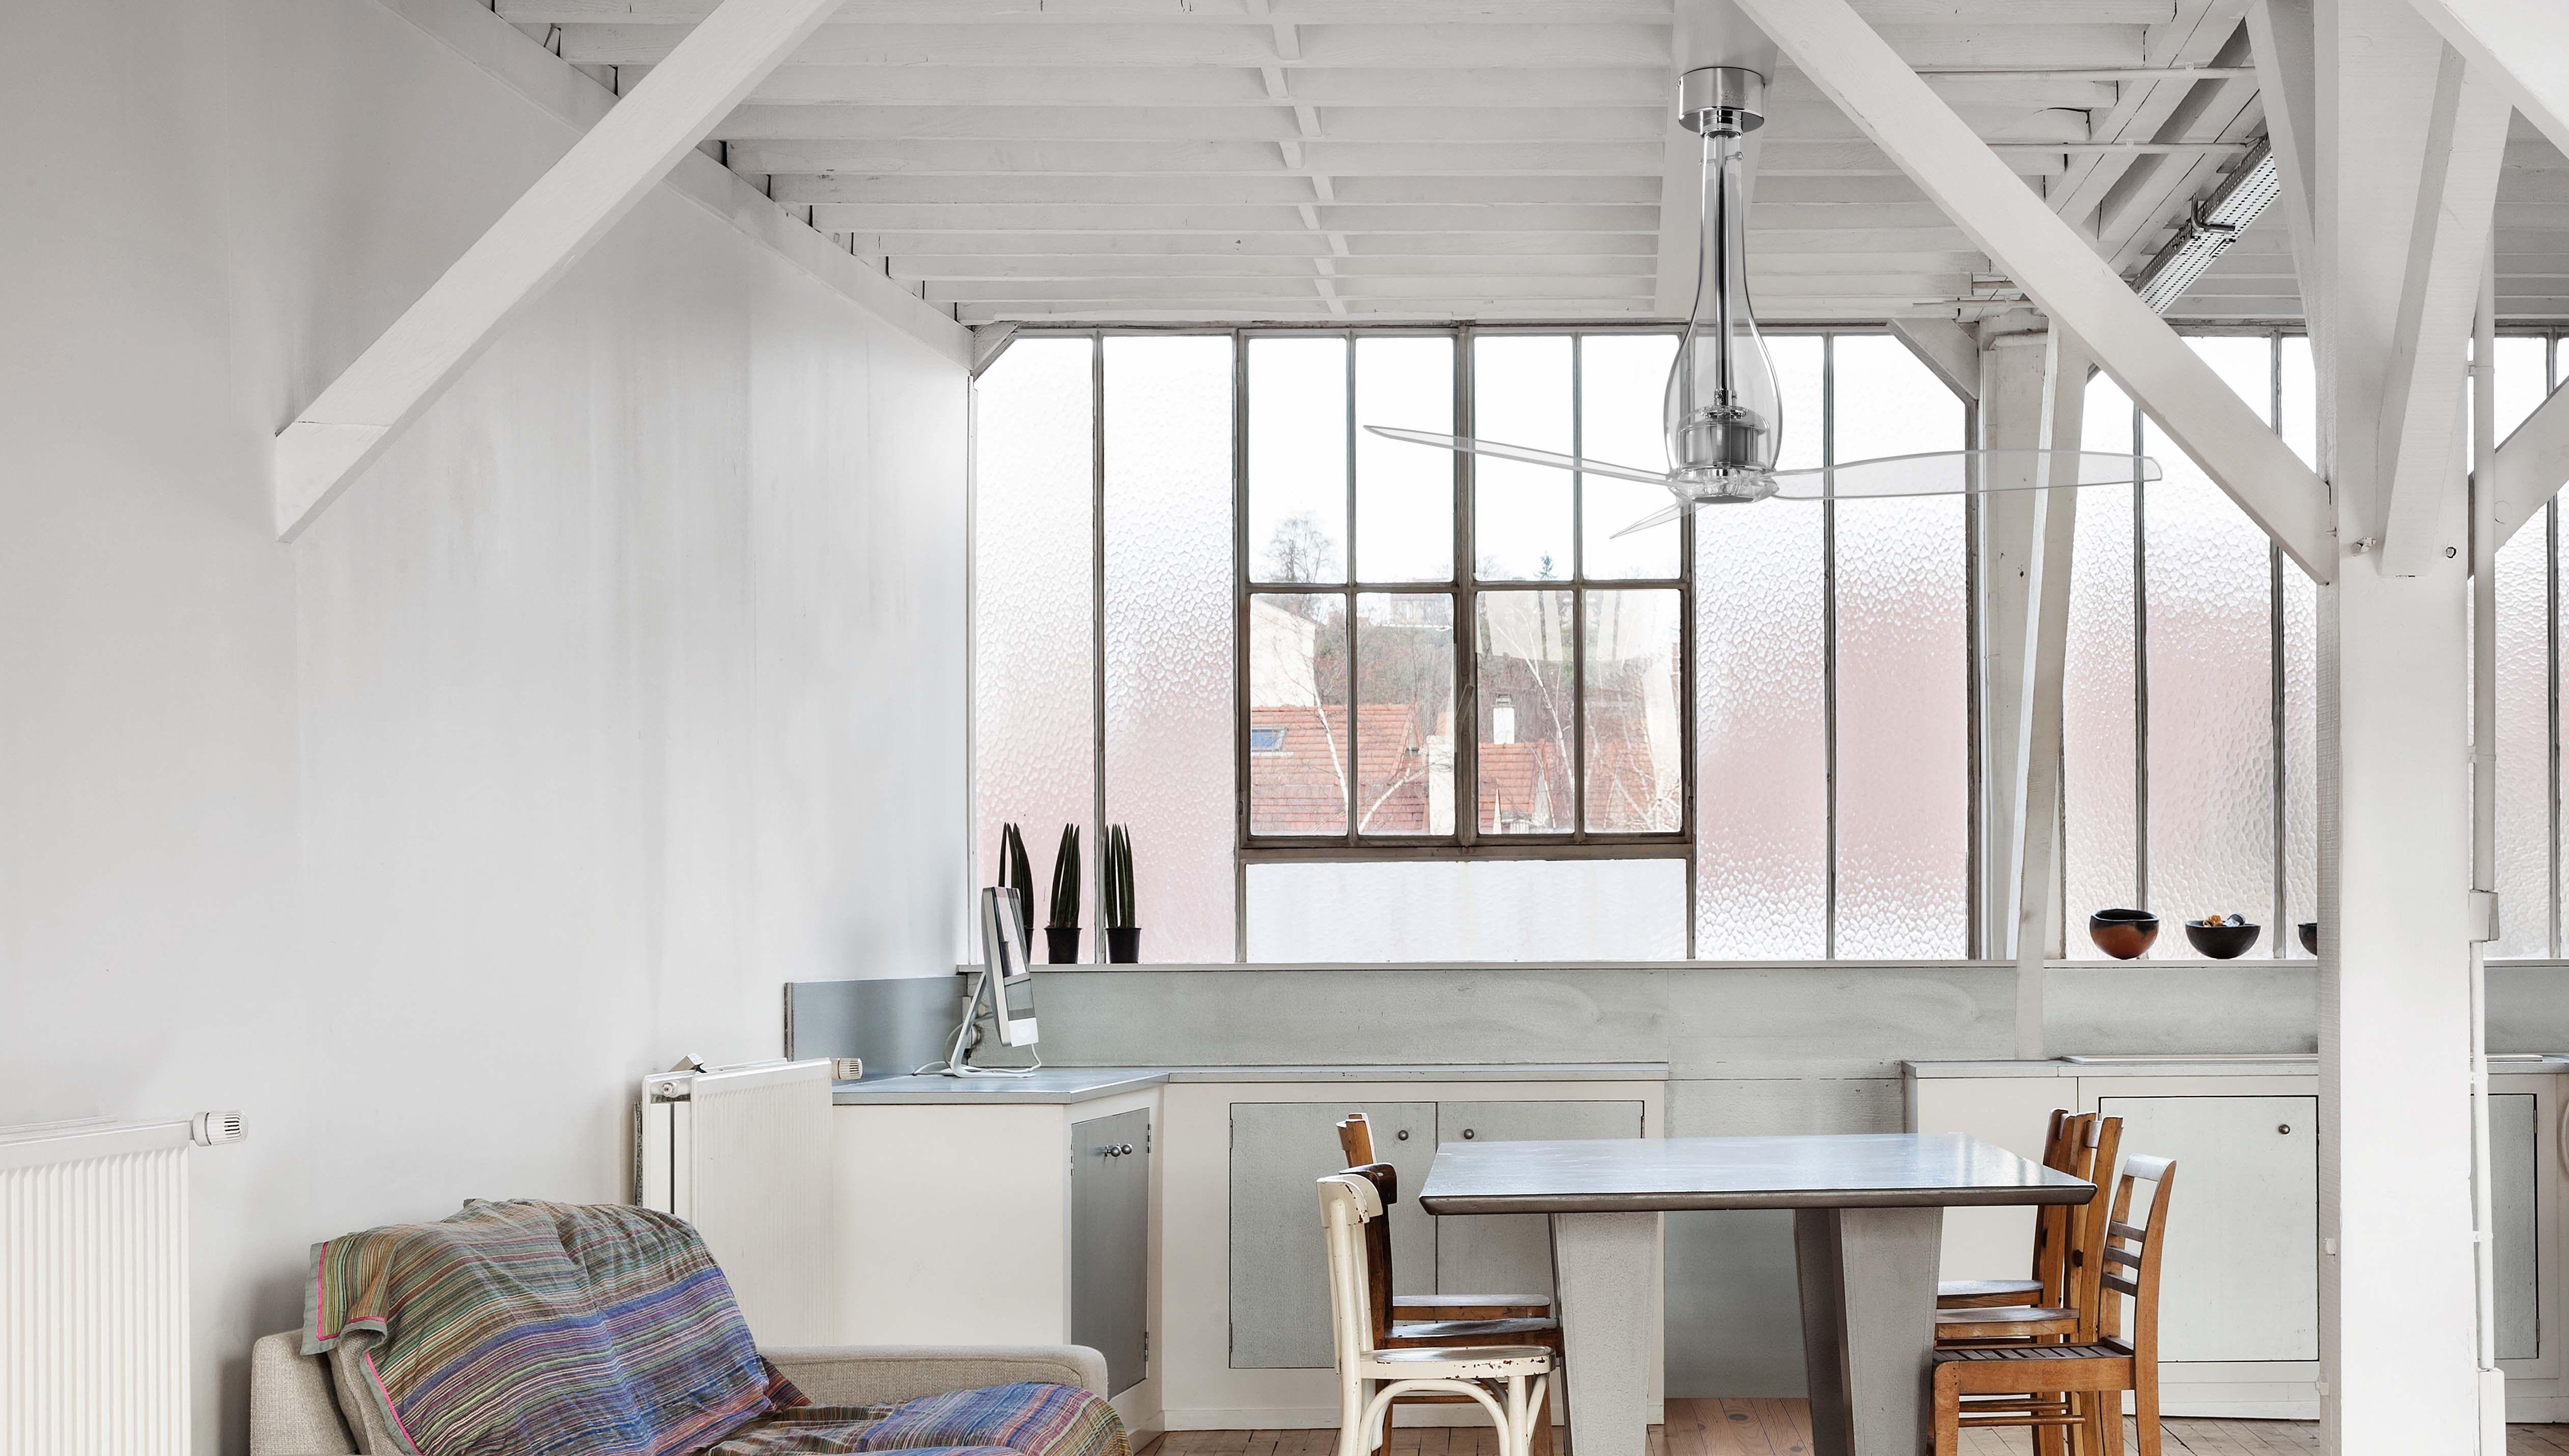 Les Plus Jolis Ventilateurs De Plafond Notre Selection Ventilateur Plafond Plafond Design Et Plafond